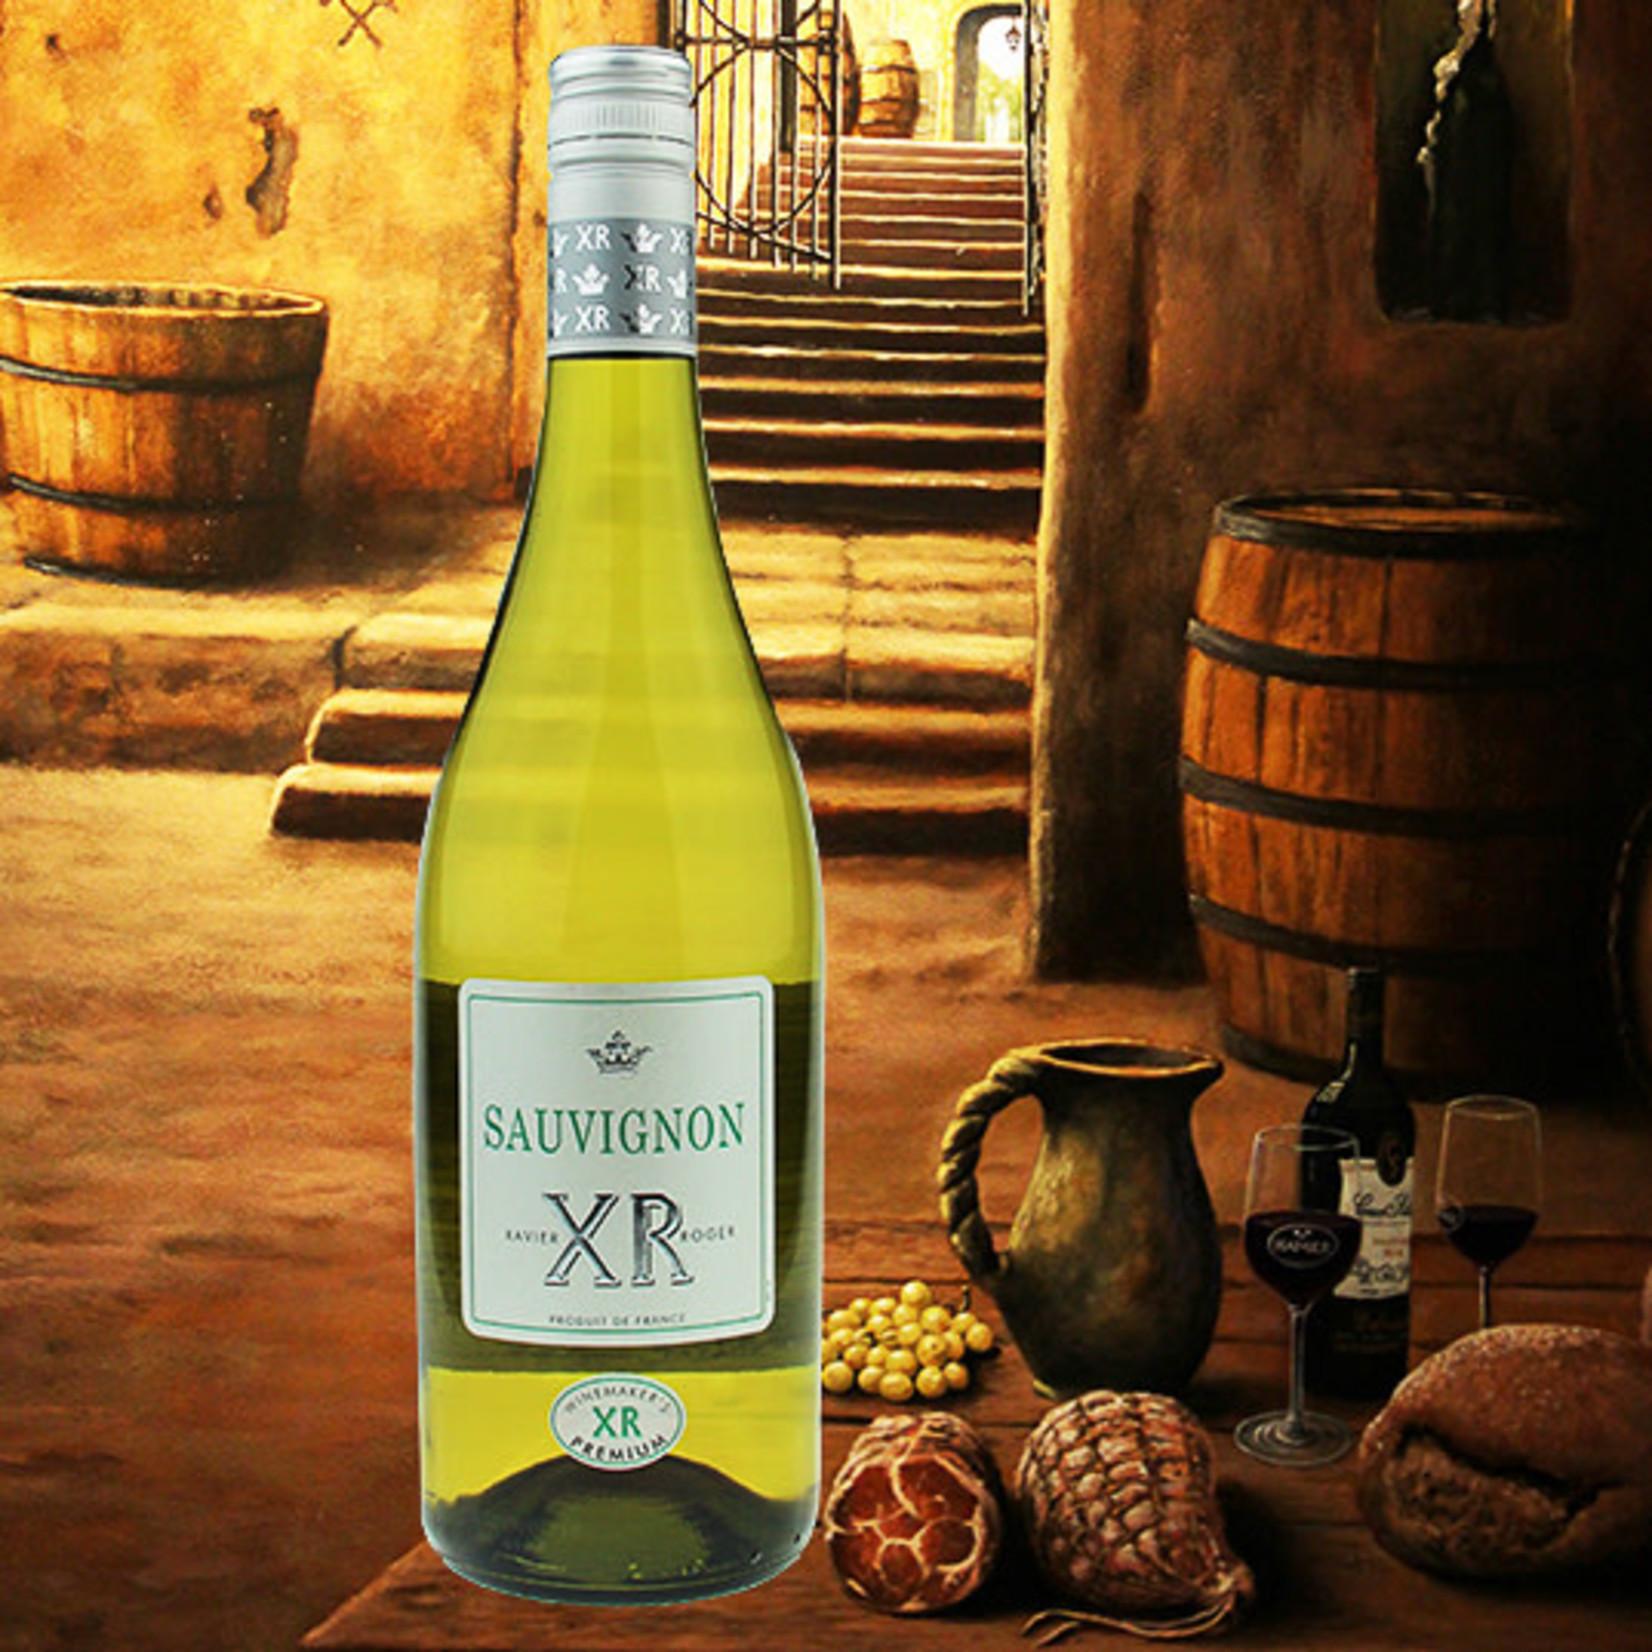 XR XR Sauvignon Blanc